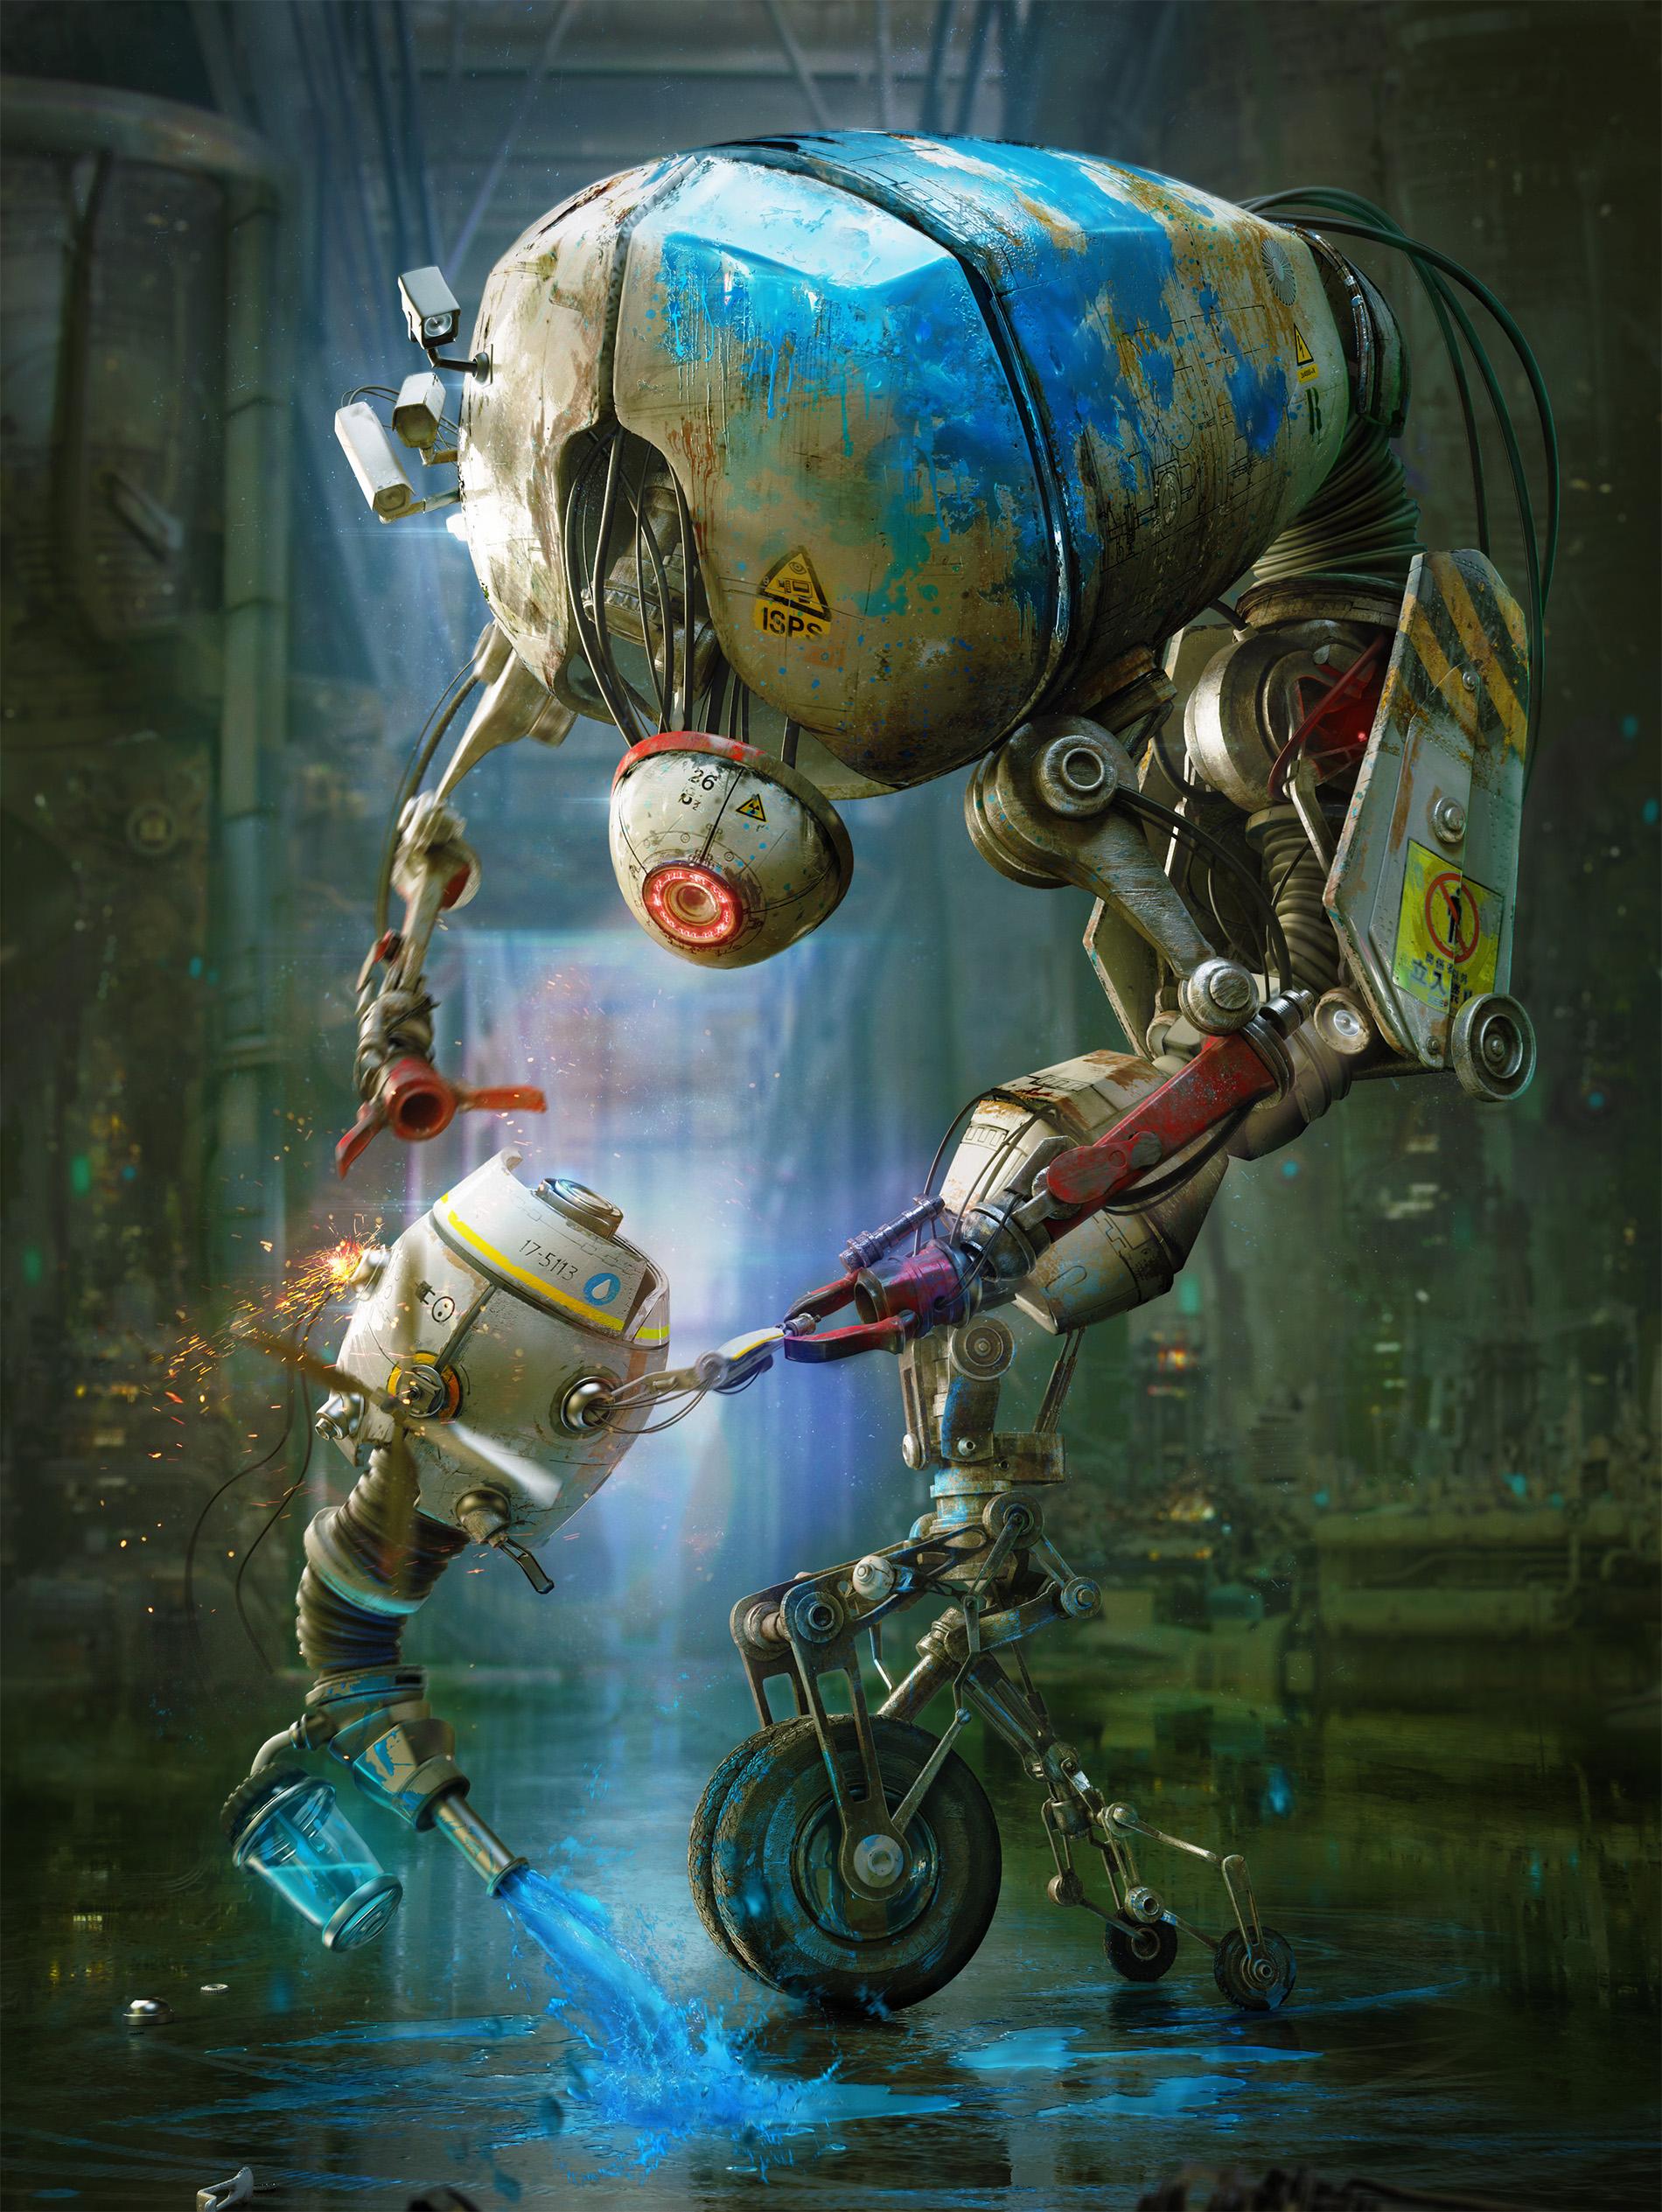 robots render